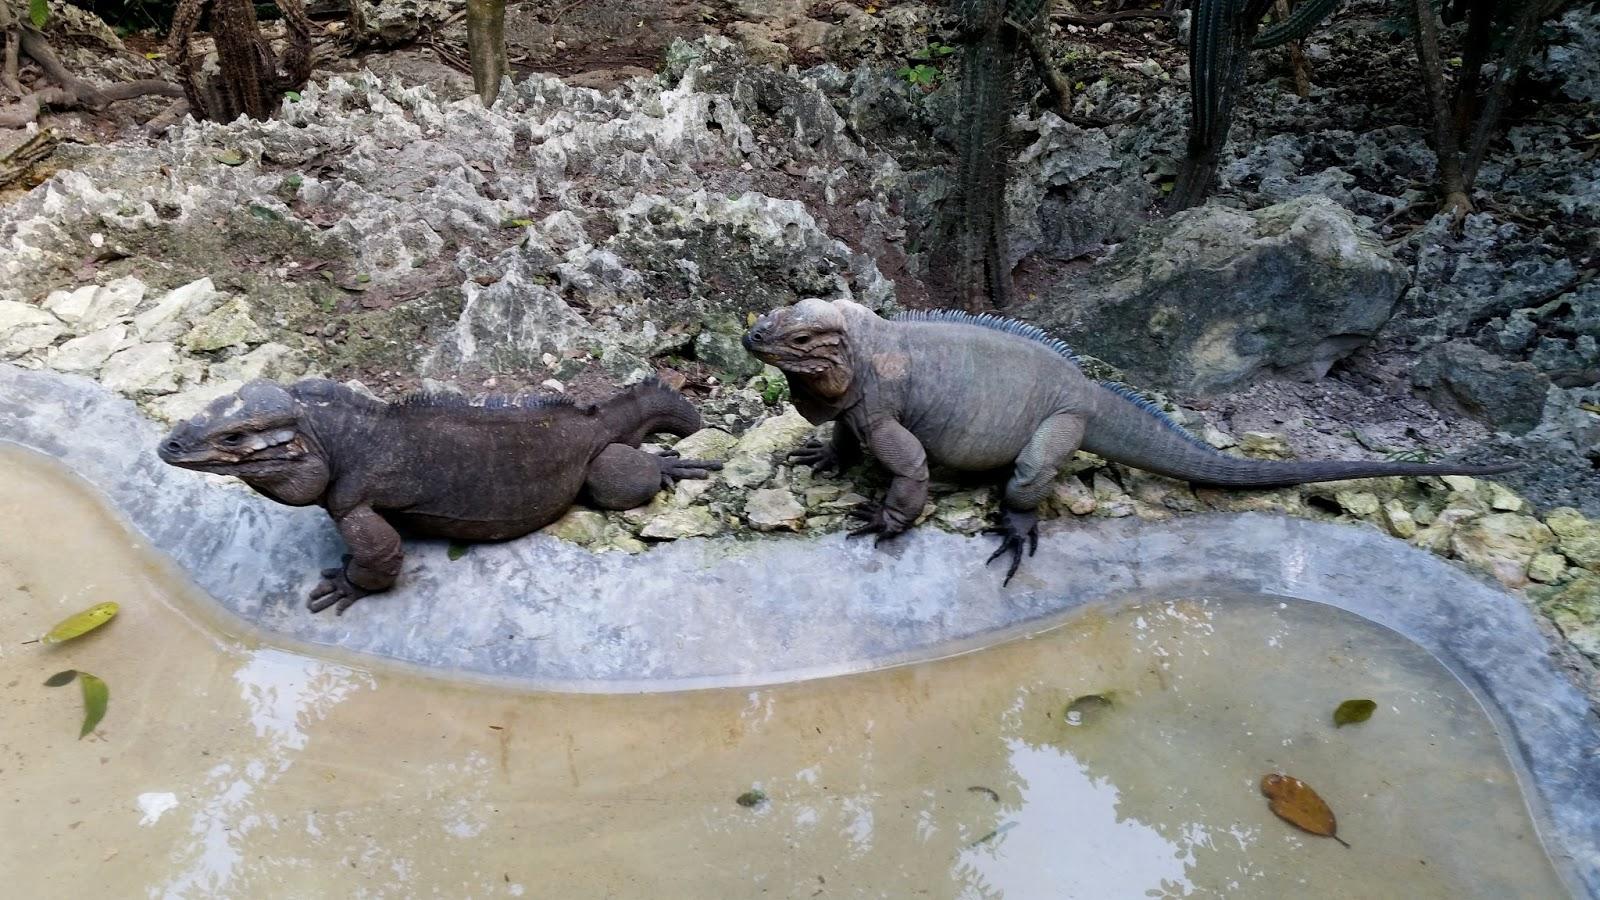 Dominikana iguana